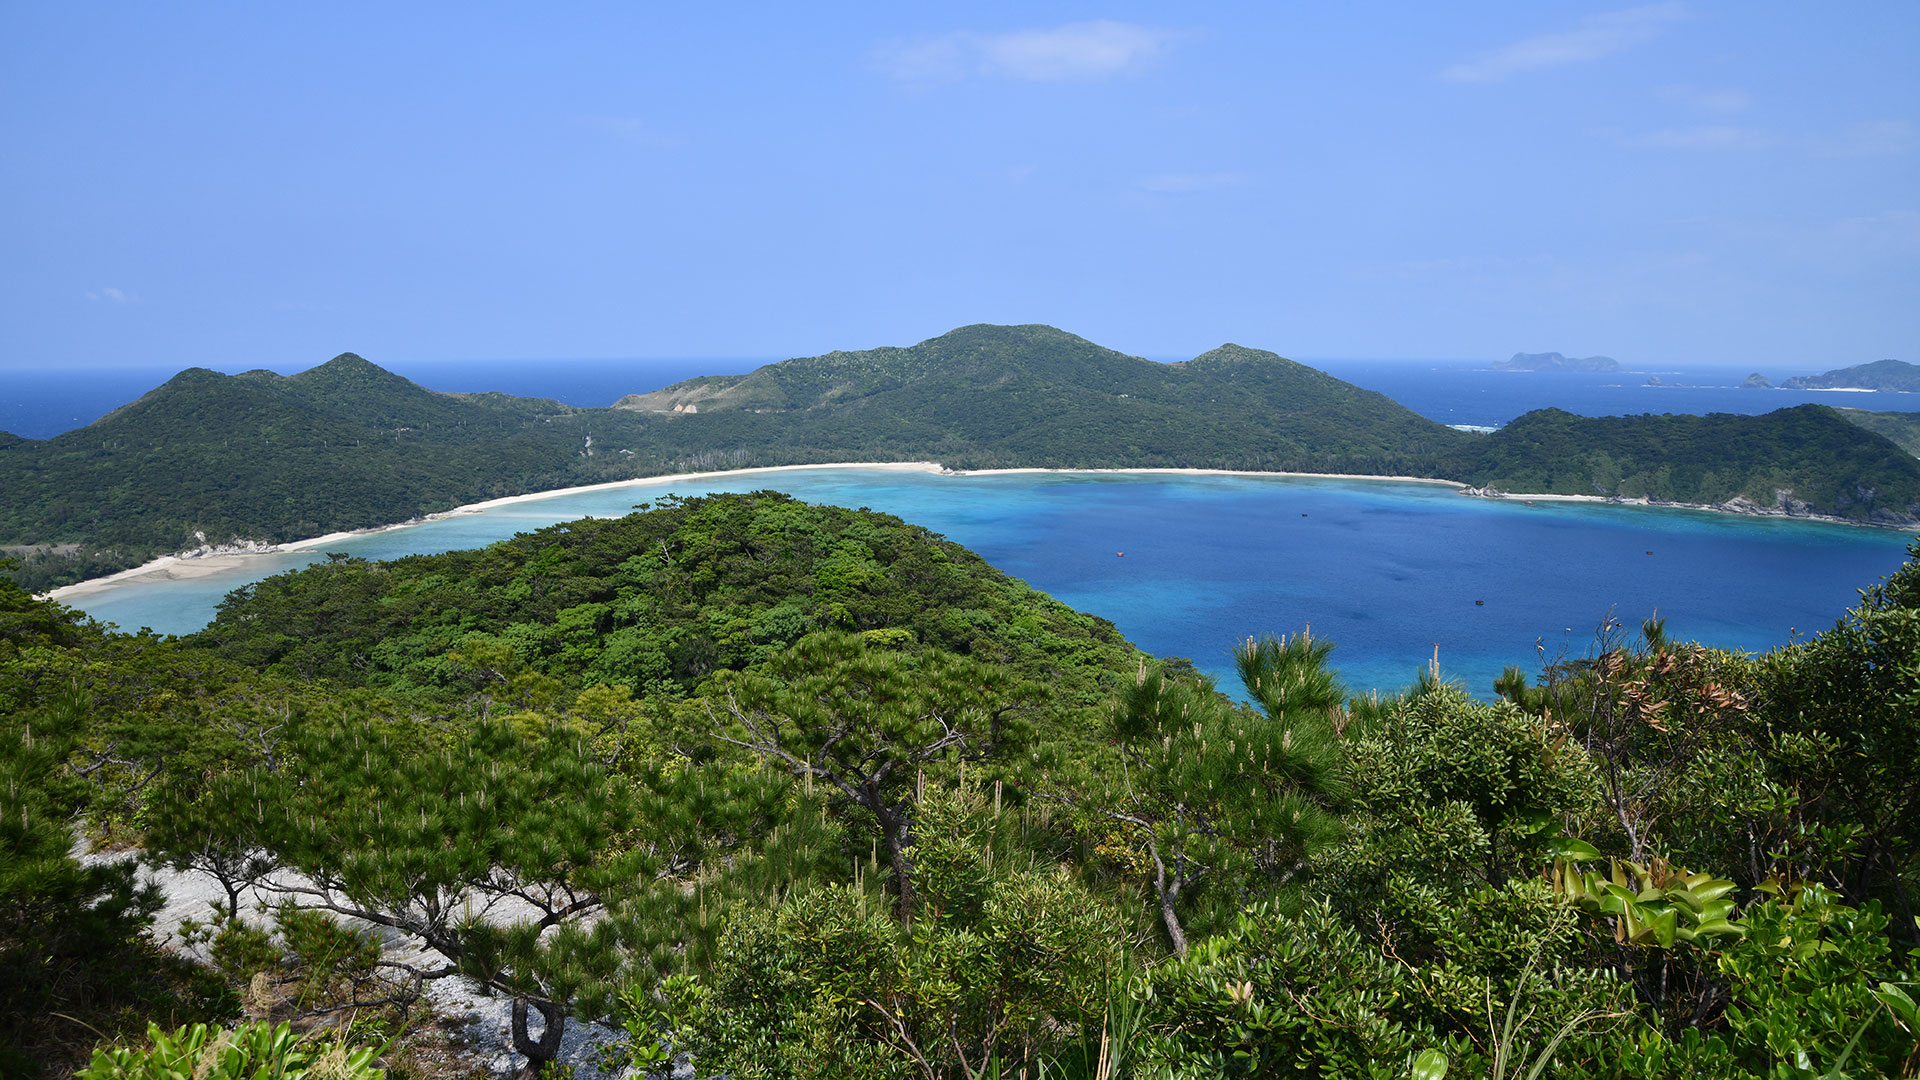 沖縄本島から1時間で行ける離島『座間味島』が最高すぎた